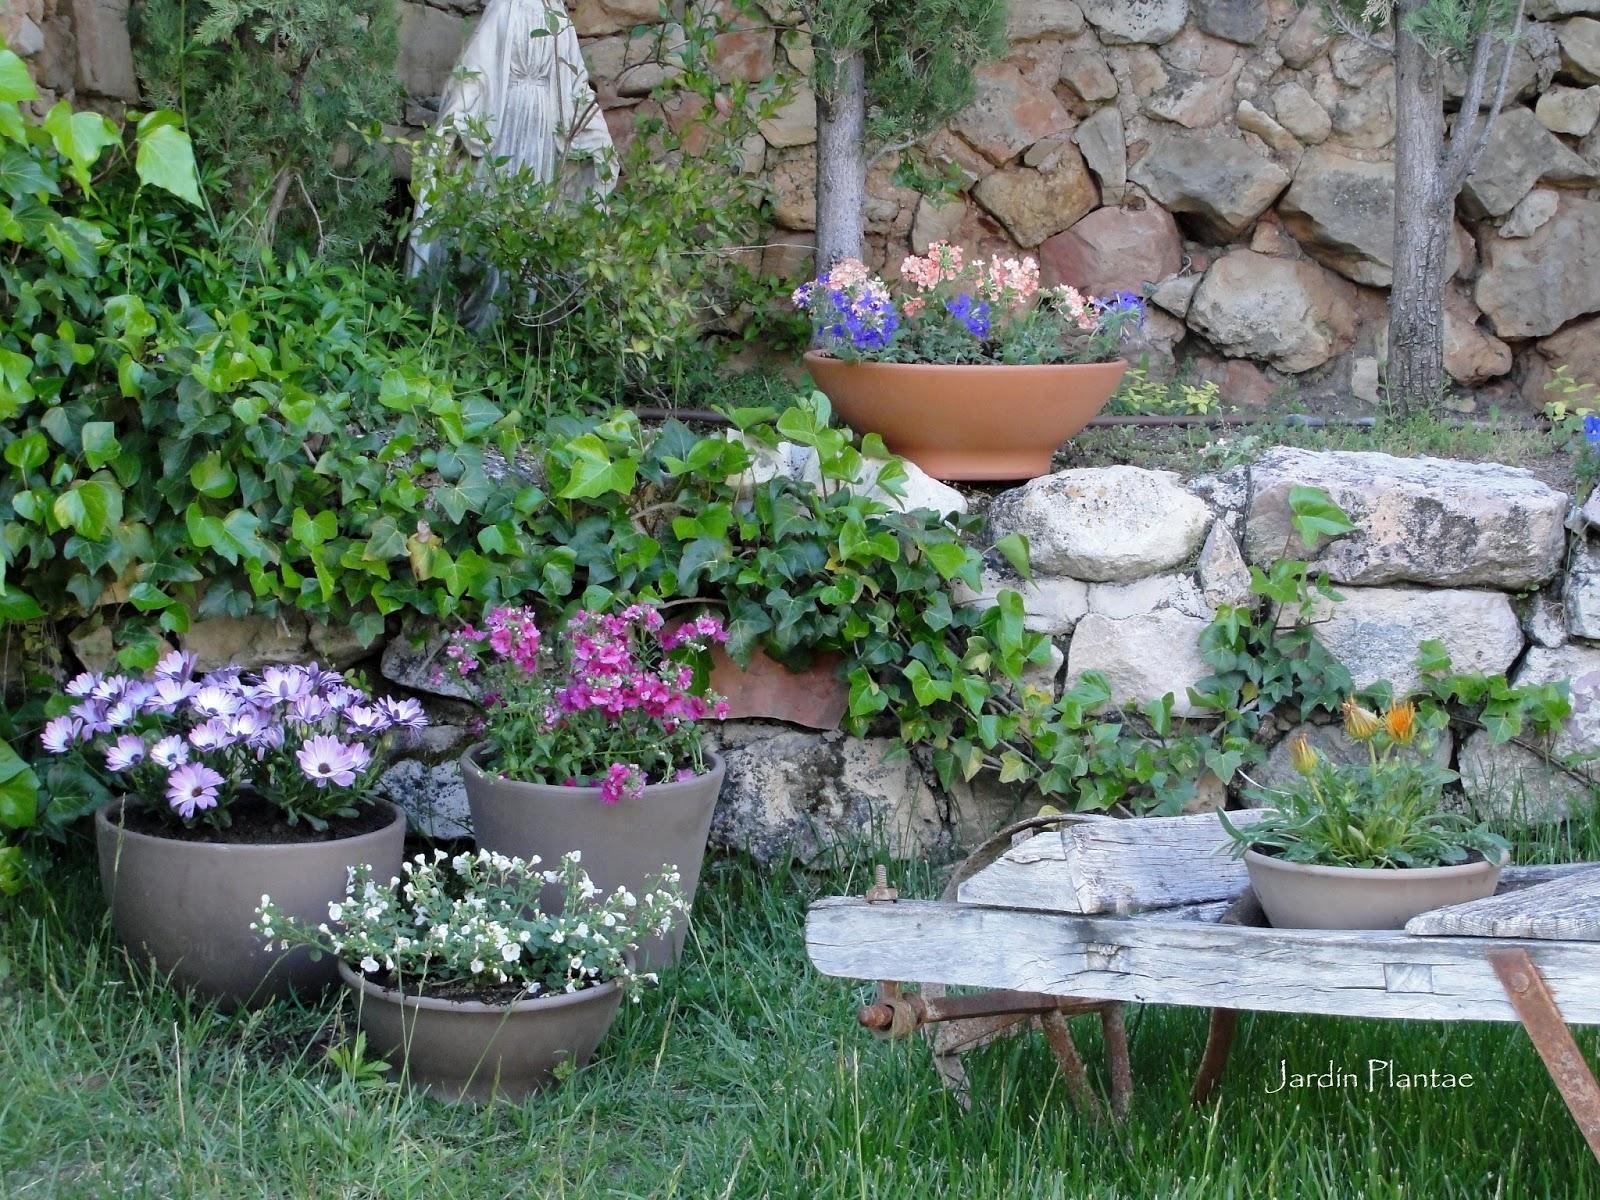 Jardiner a plantae macetas en el jard n for Jardines en macetas